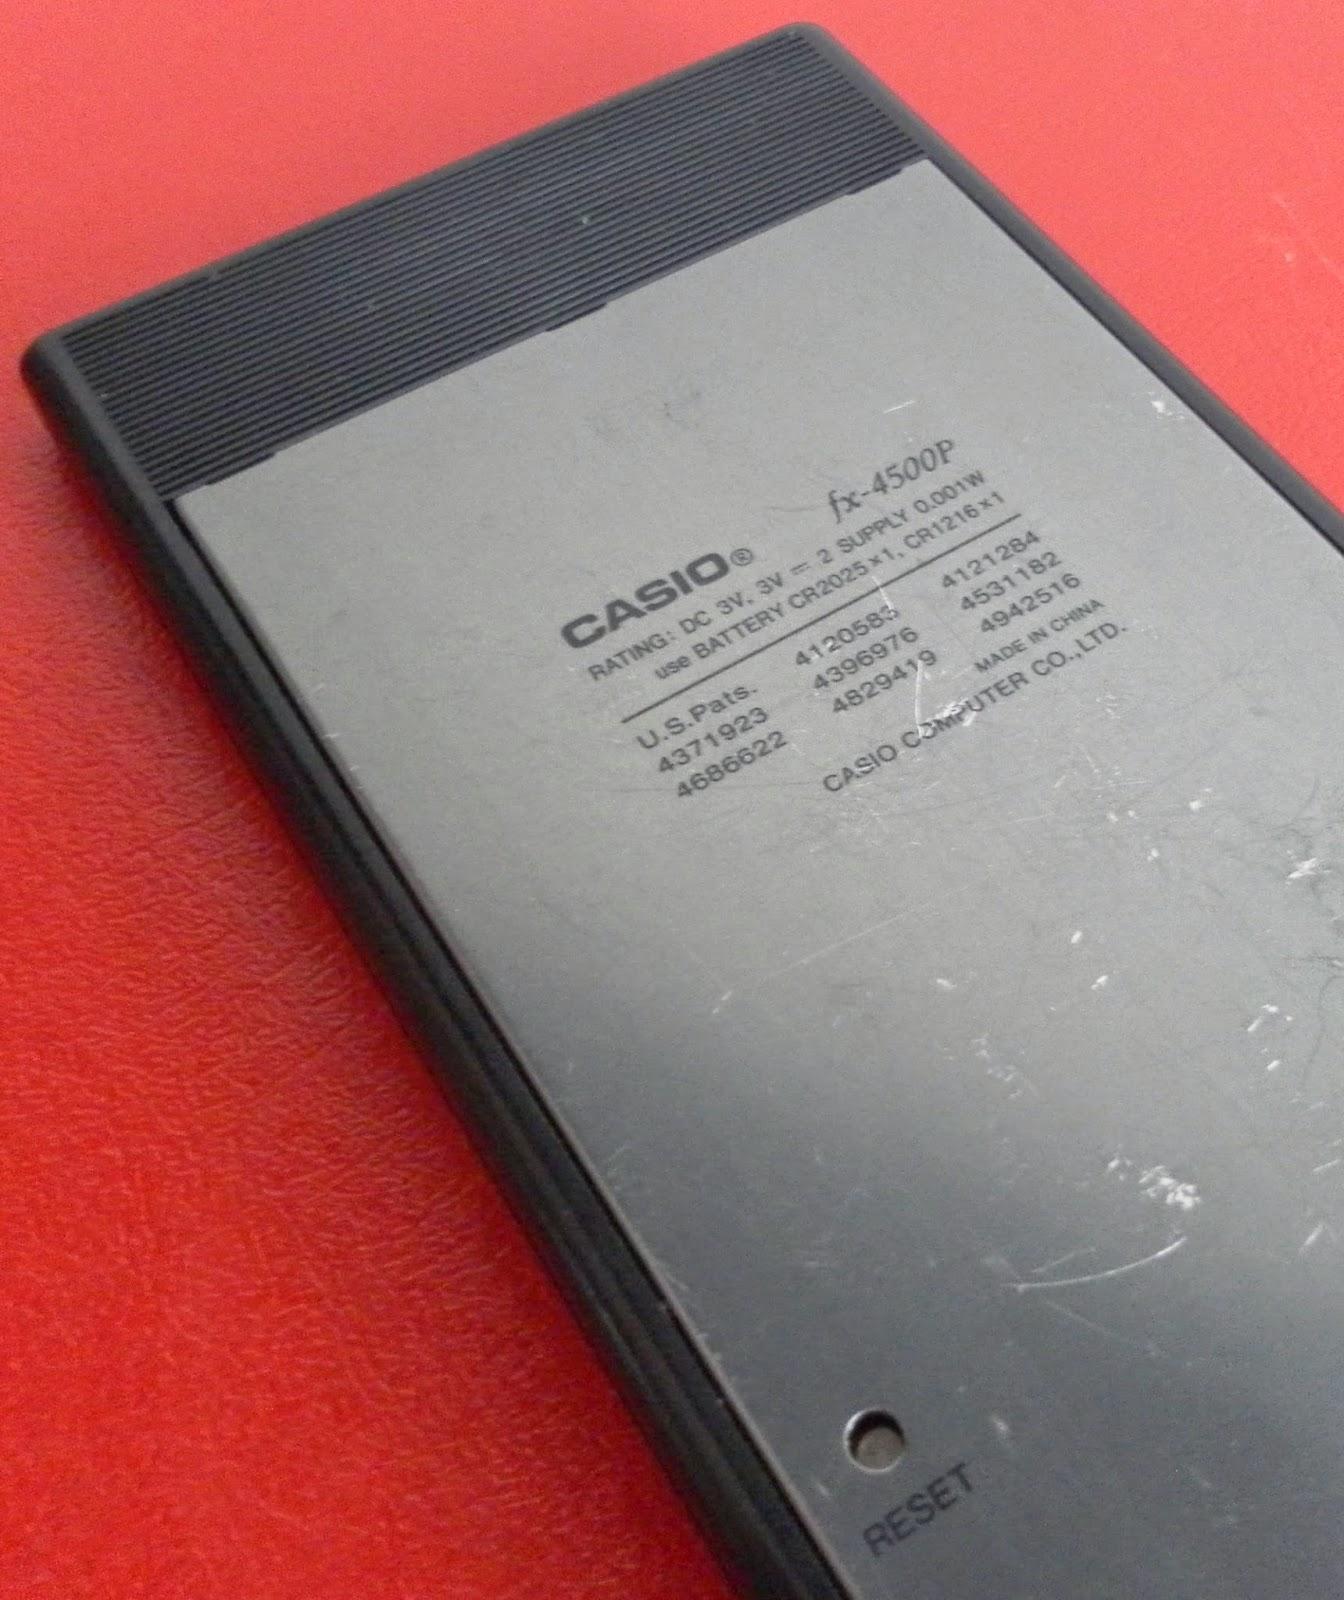 [Image: Casio_fx-4500p_014.jpg]